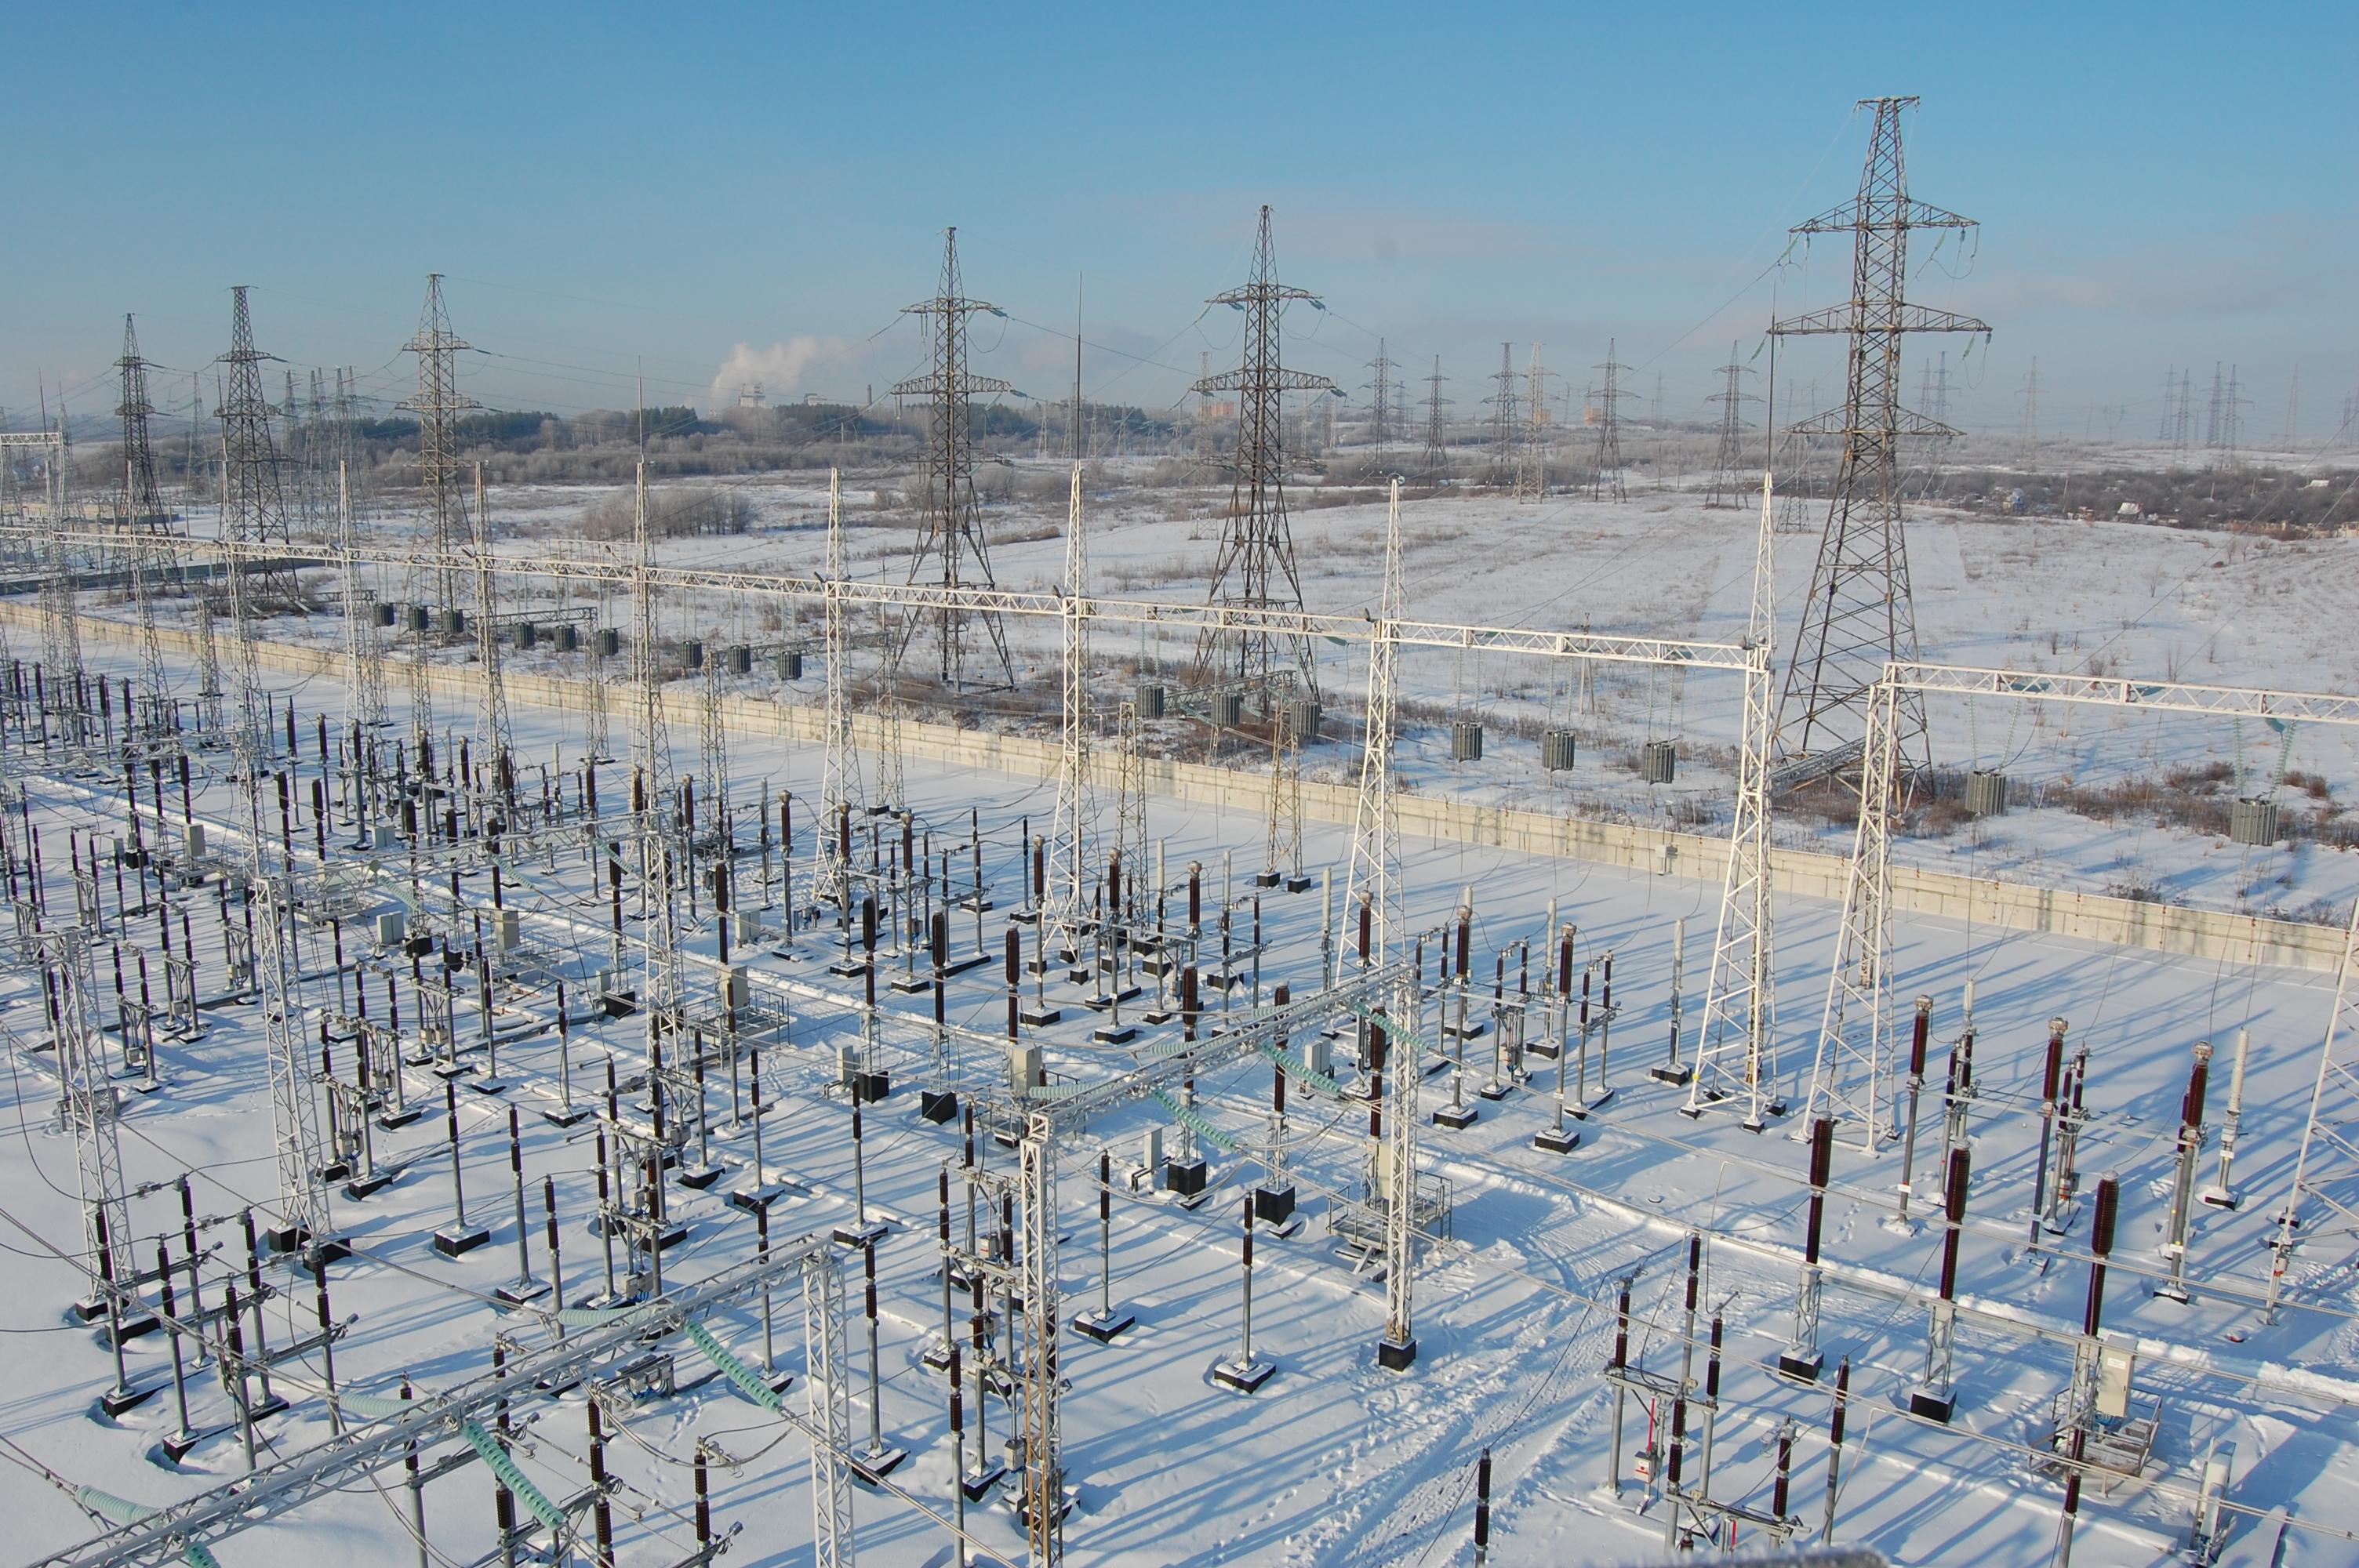 «Россети ФСК ЕЭС» обеспечила выдачу 8,7 МВт дополнительной мощности крупнейшему газоперерабатывающему заводу Самарской области